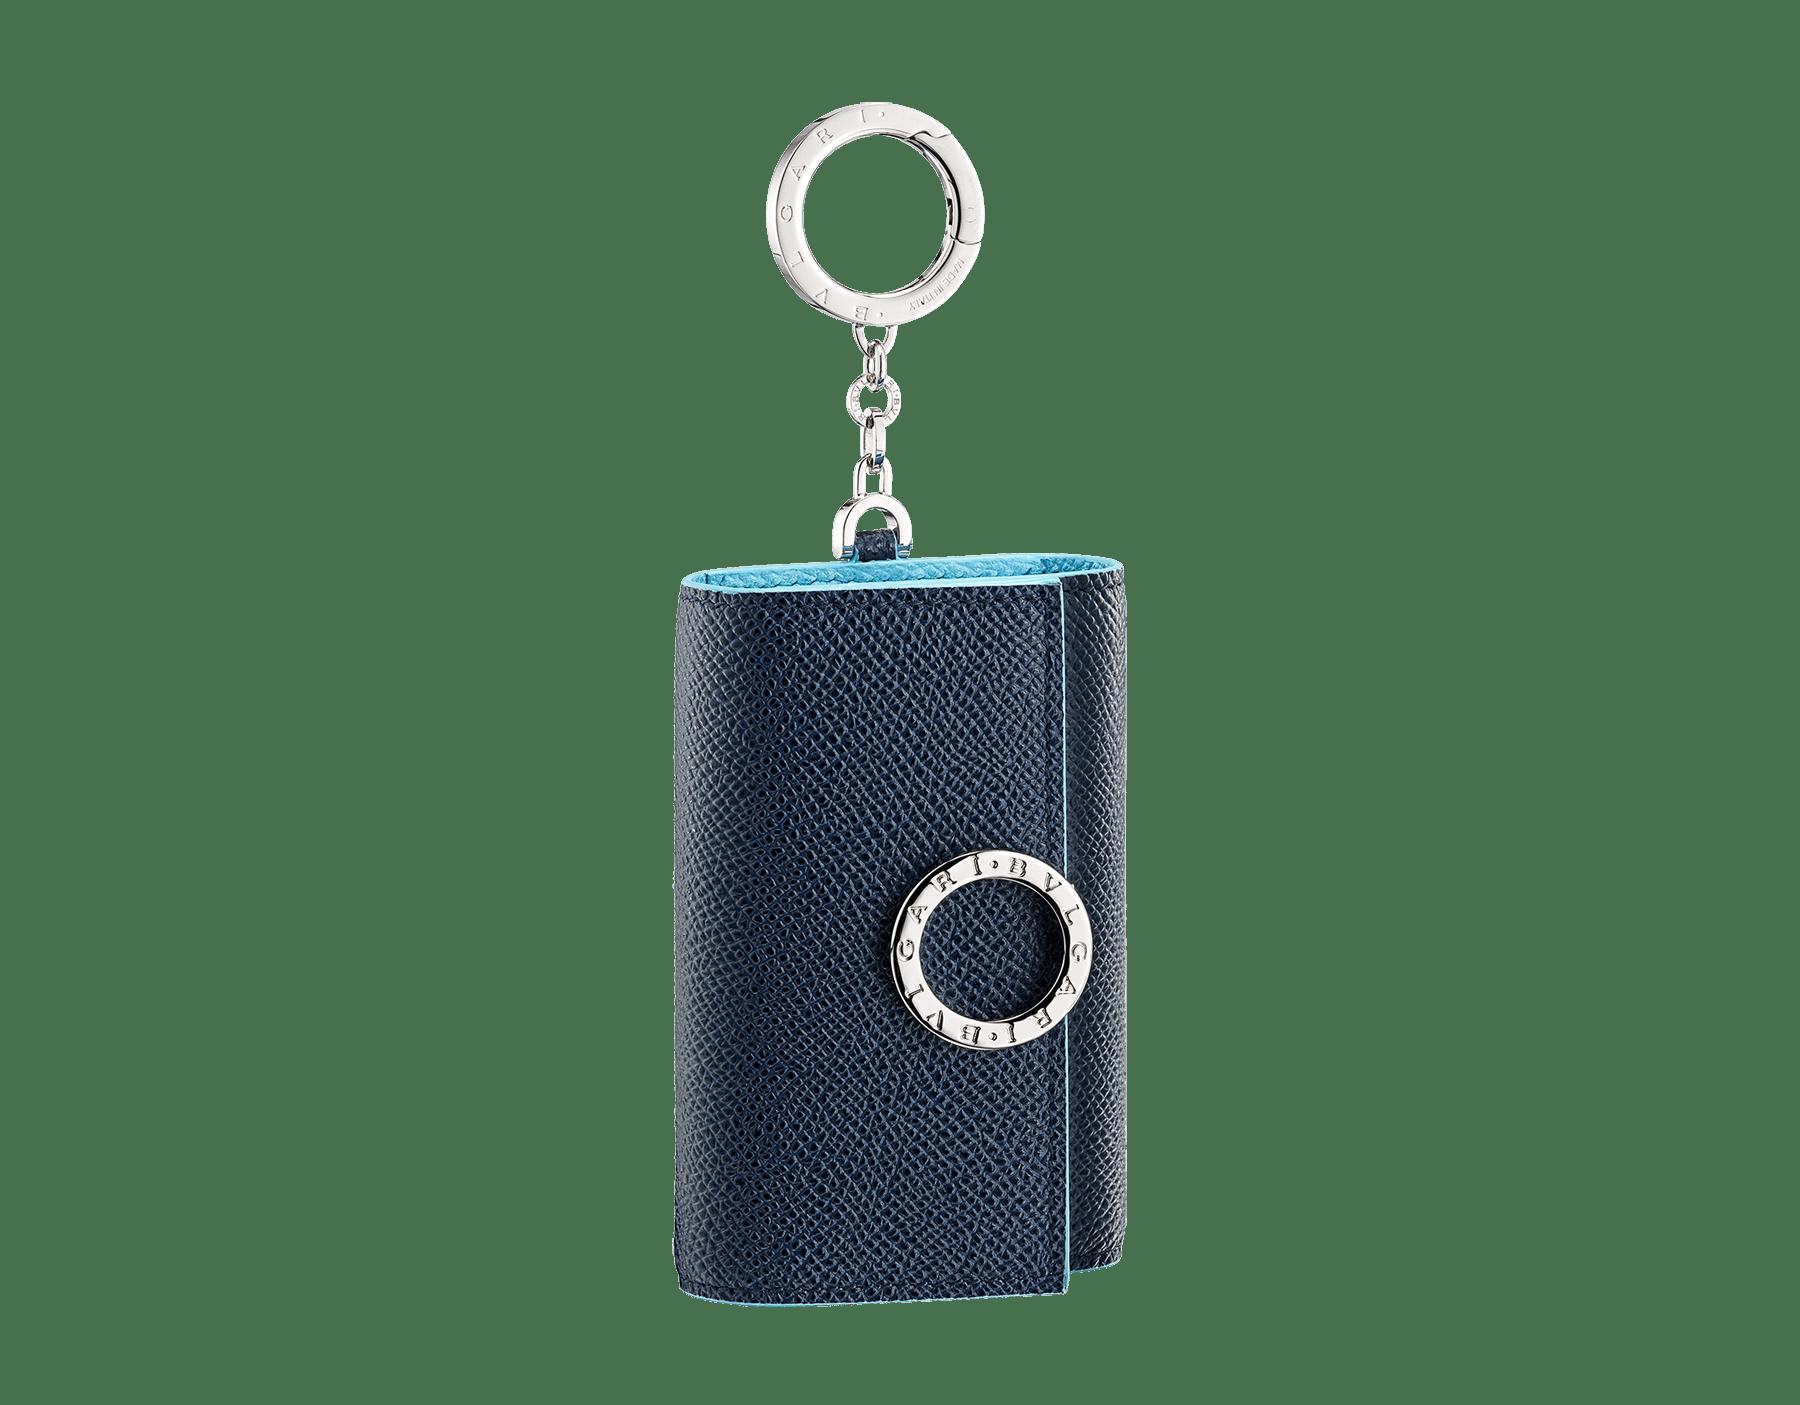 BVLGARI BVLGARI Schlüsseletui aus genarbtem Kalbsleder in Denim Sapphire Blau und in Aegean Topaz Hellblau. Ikonischer Logodekor und Karabinerhaken aus palladiumbeschichtetem Messing. BCM-KEY-HOLD-CLASPb image 1